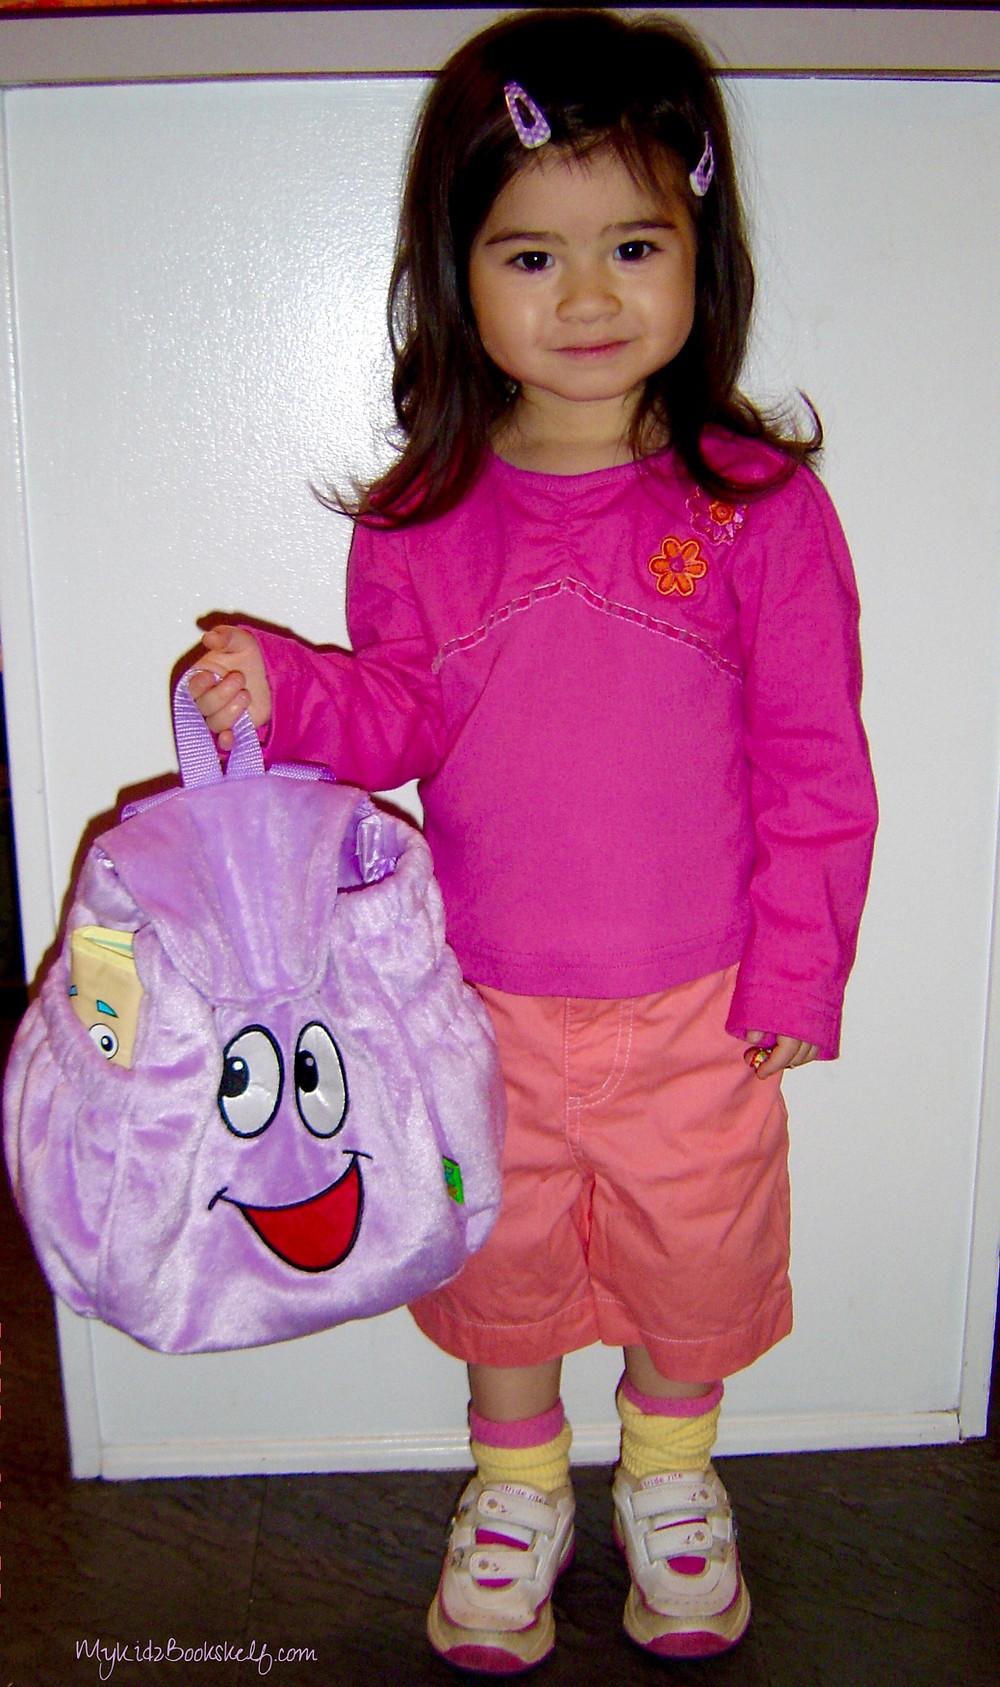 little-girl-dressed-in-halloween-costume-as-Dora-the-explorer